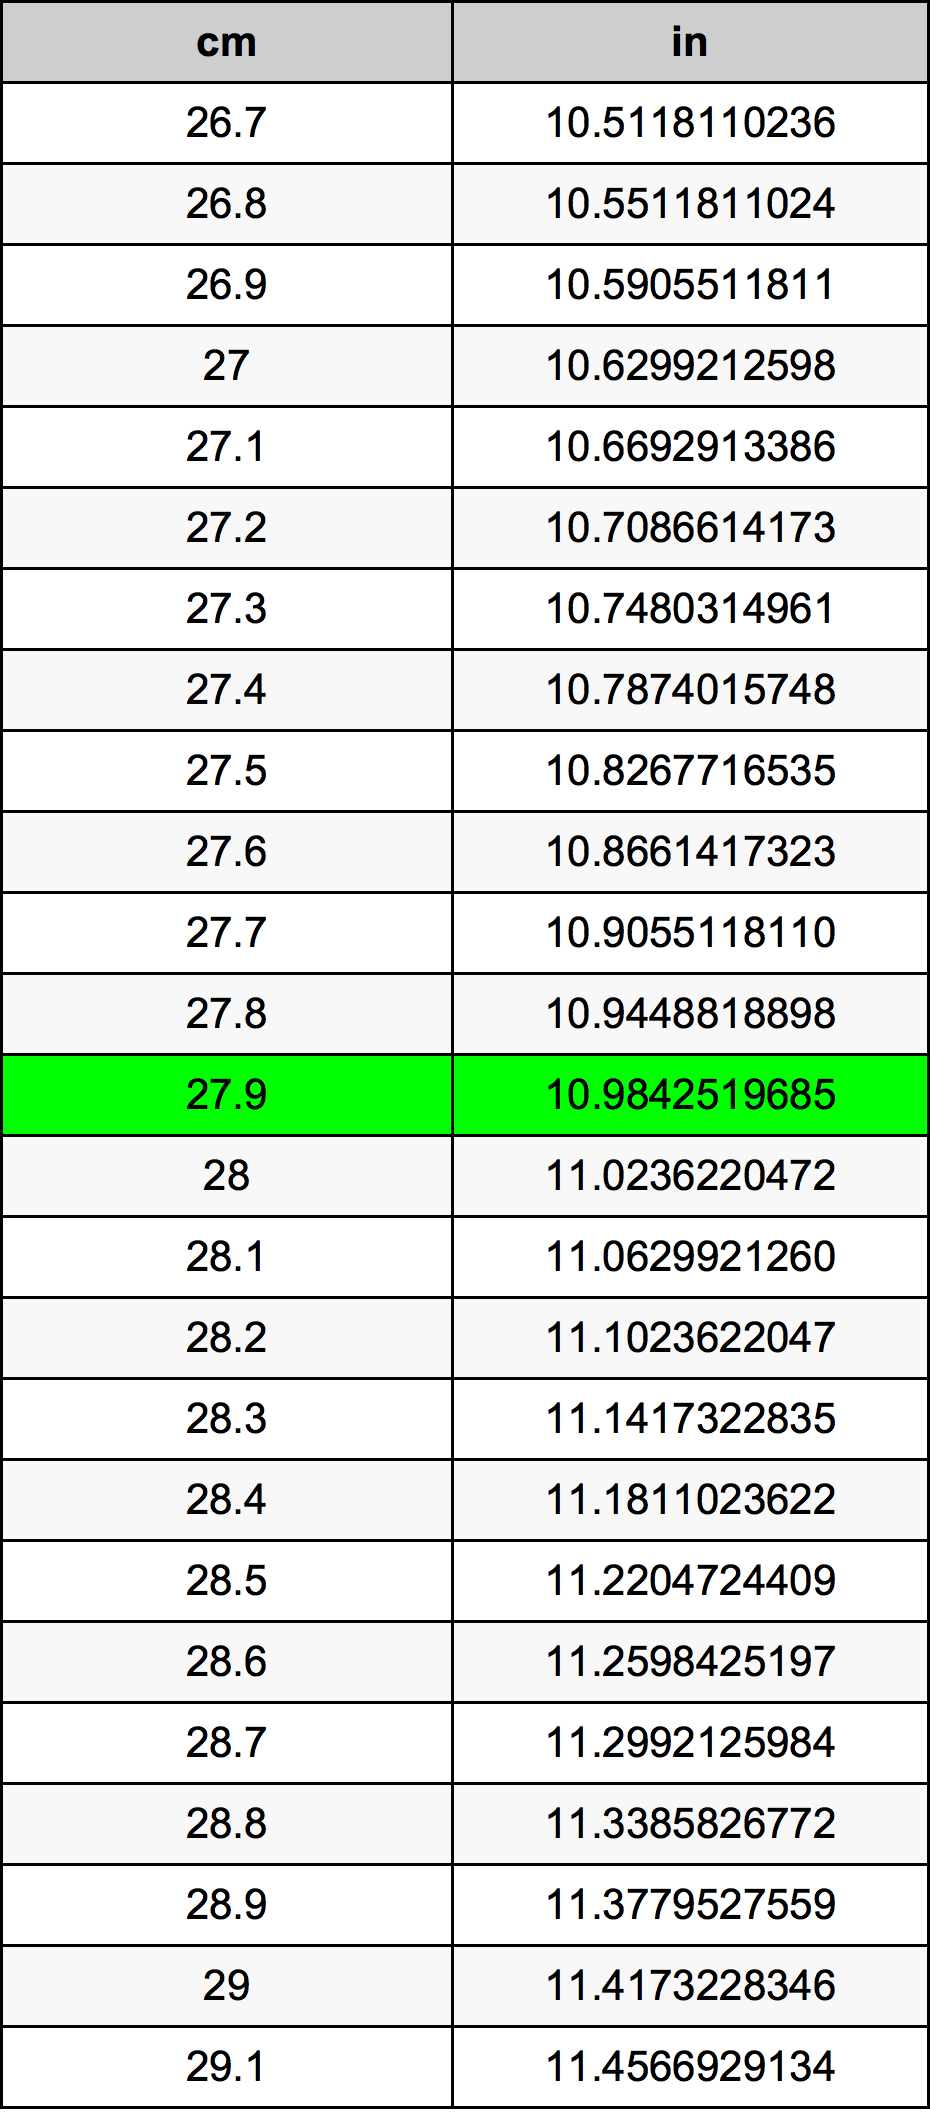 27.9厘米換算表